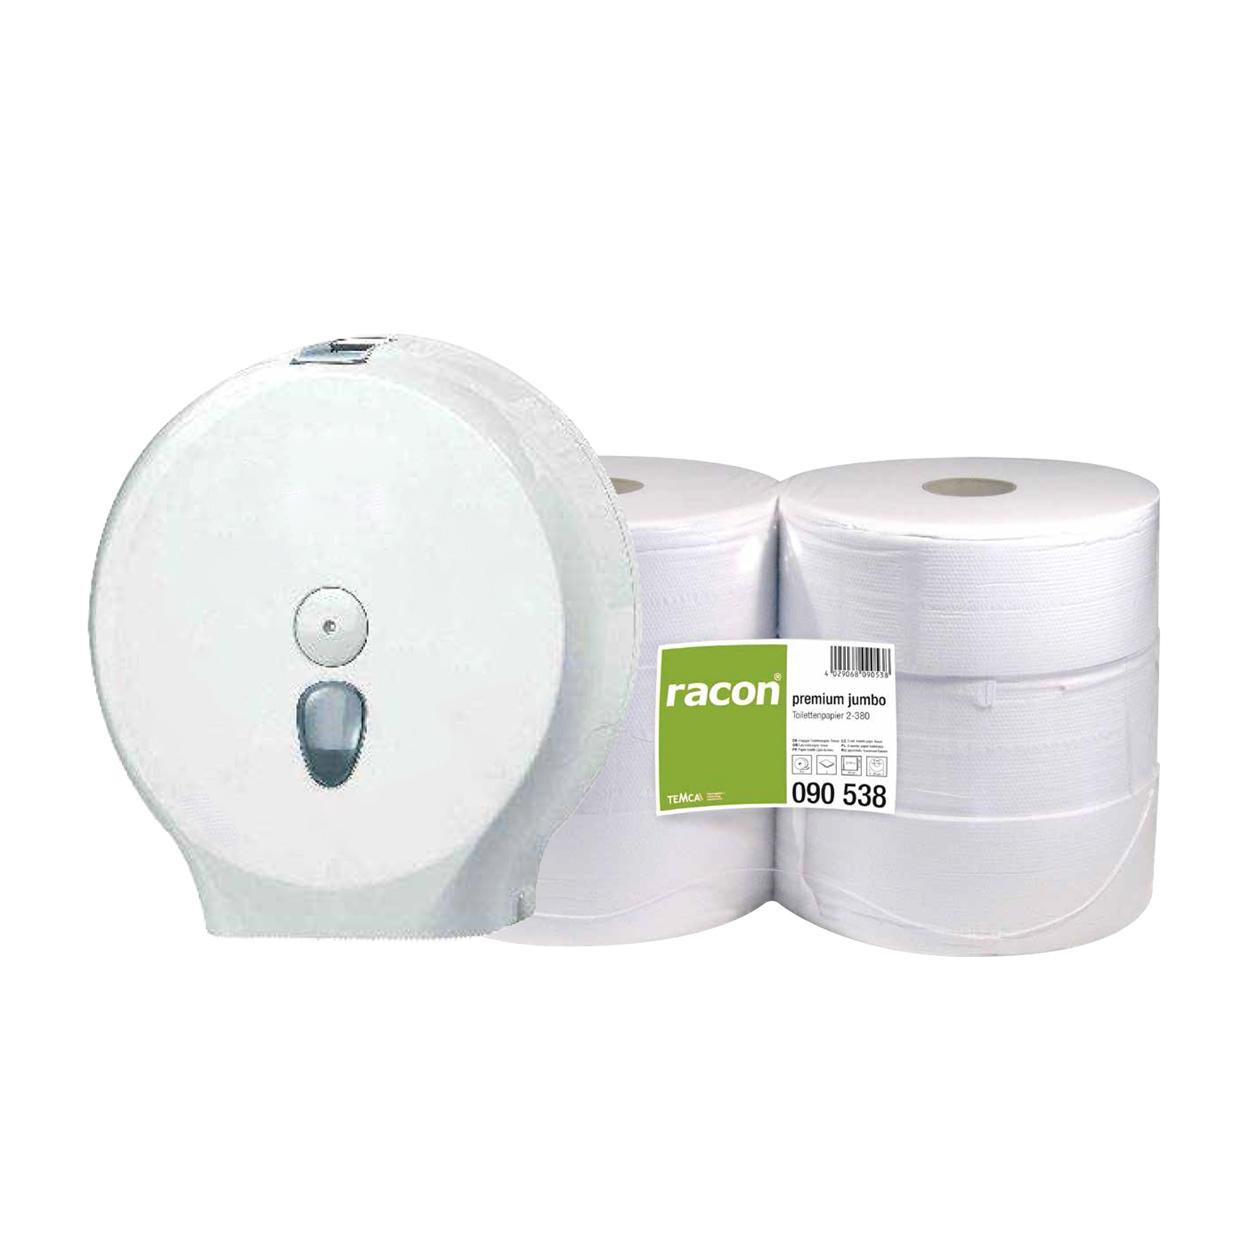 Set toaletních papírů Jumbo a zásobníku